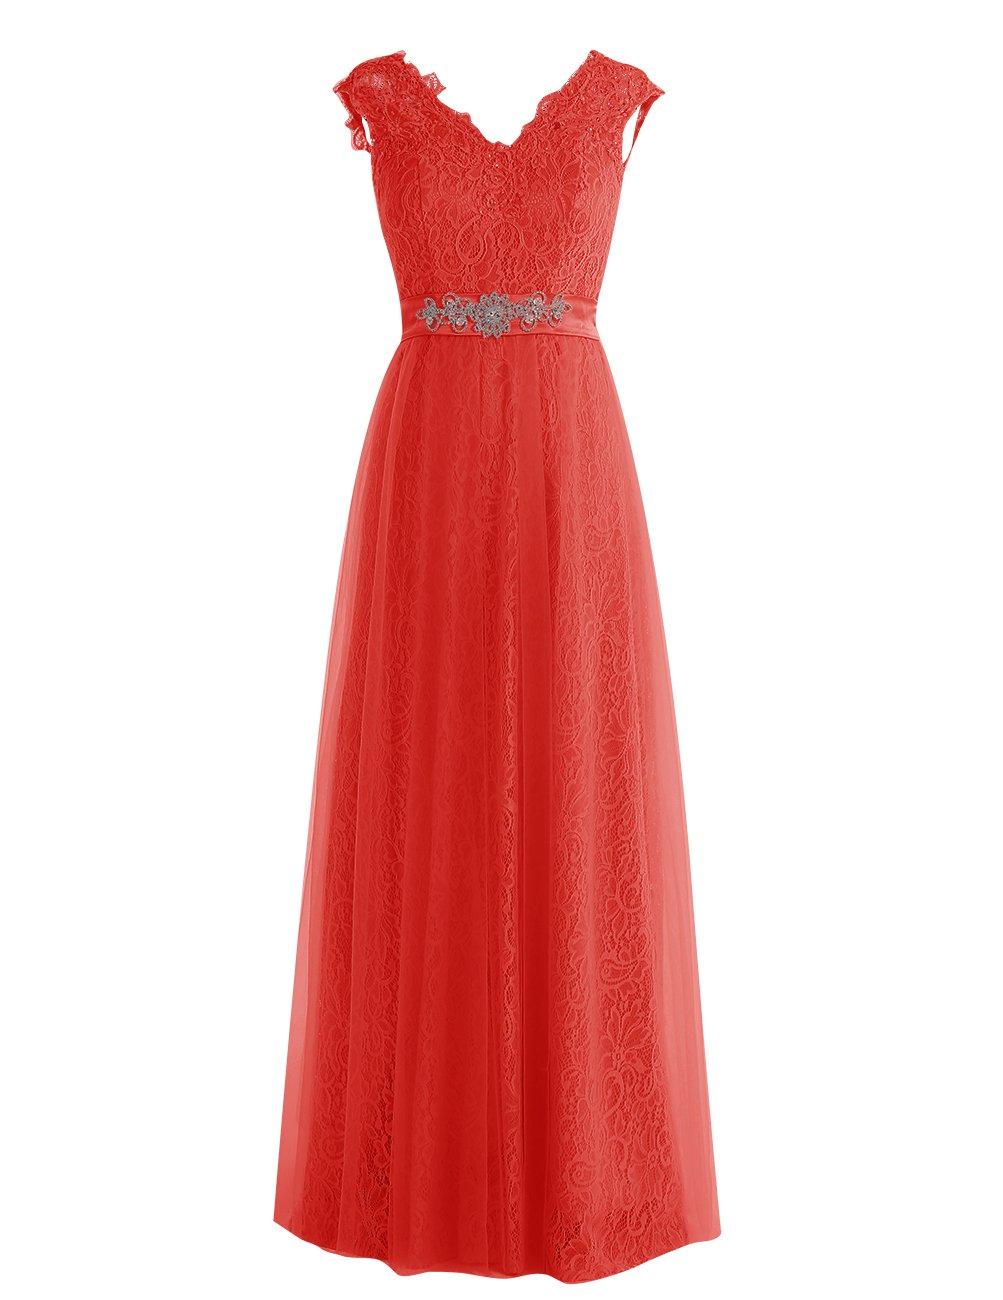 Dresstell レディーズ ロング丈 披露宴ドレス 結婚式ドレス 総レースのお呼ばれ フォーマルドレス キラキラビジュー付き ビスチェタイプ 編み上げの花嫁ワンピース 二次会ドレス ステージドレス B01LXW48FE JP17|レッド レッド JP17